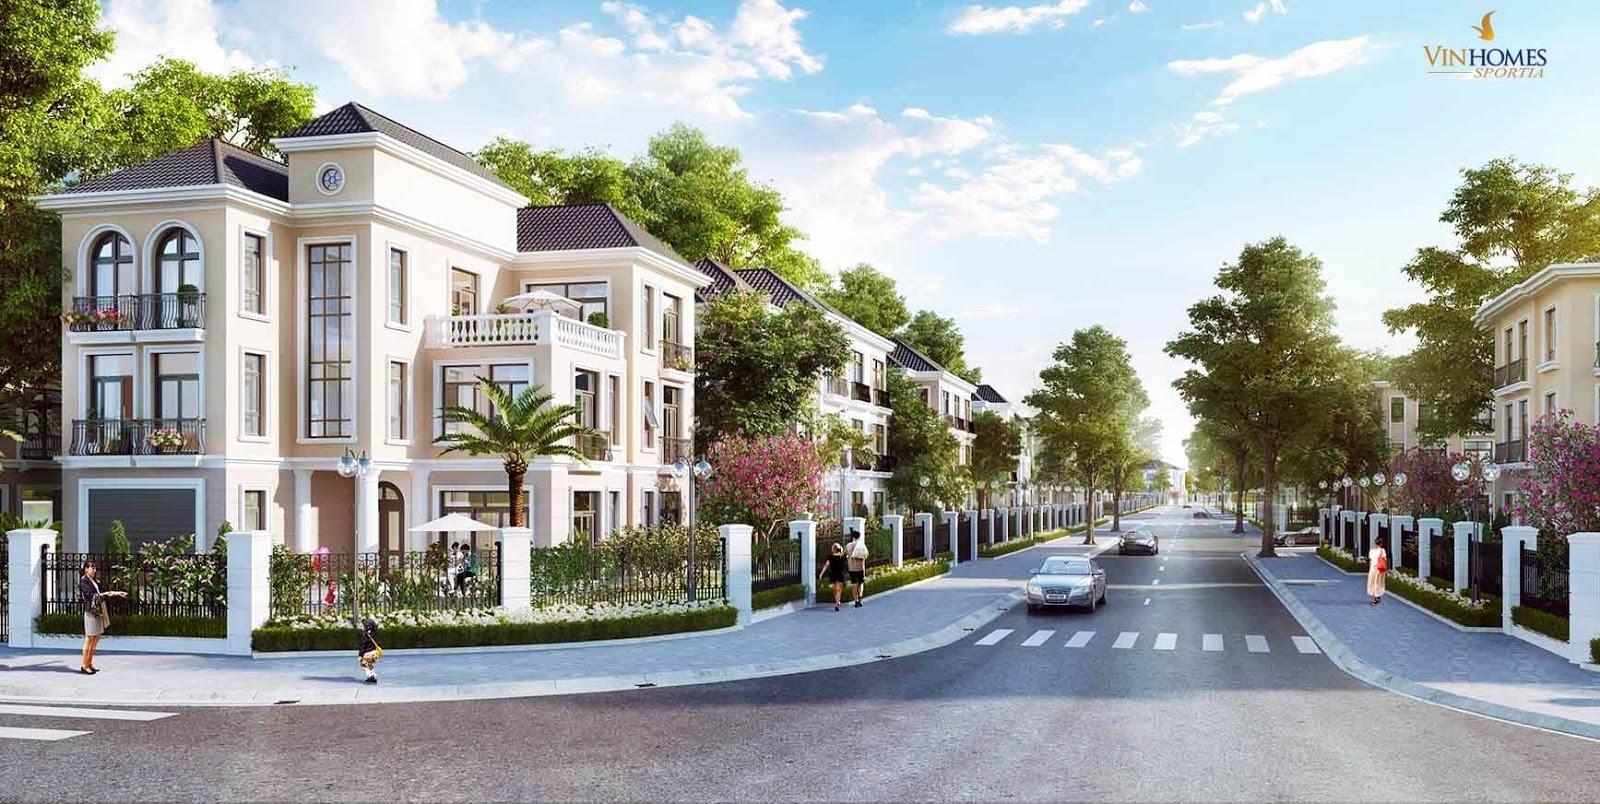 Khu nhà ở thấp tầng Vinhomes Smart City Tây Mỗ - Đại Mỗ